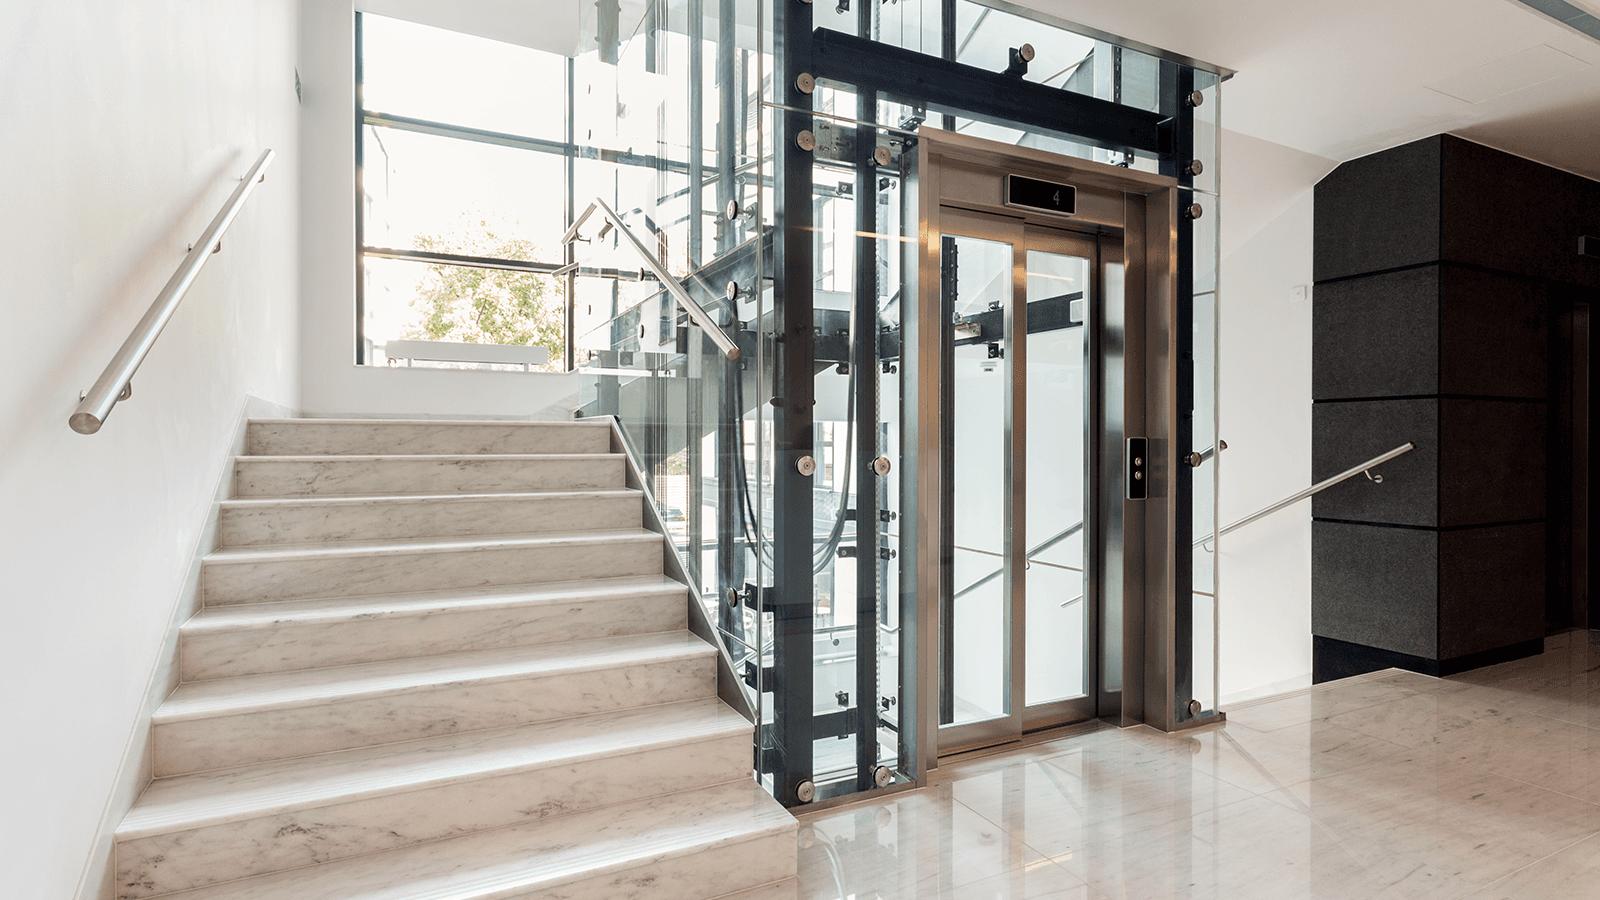 un ascensore all'interno di un edificio